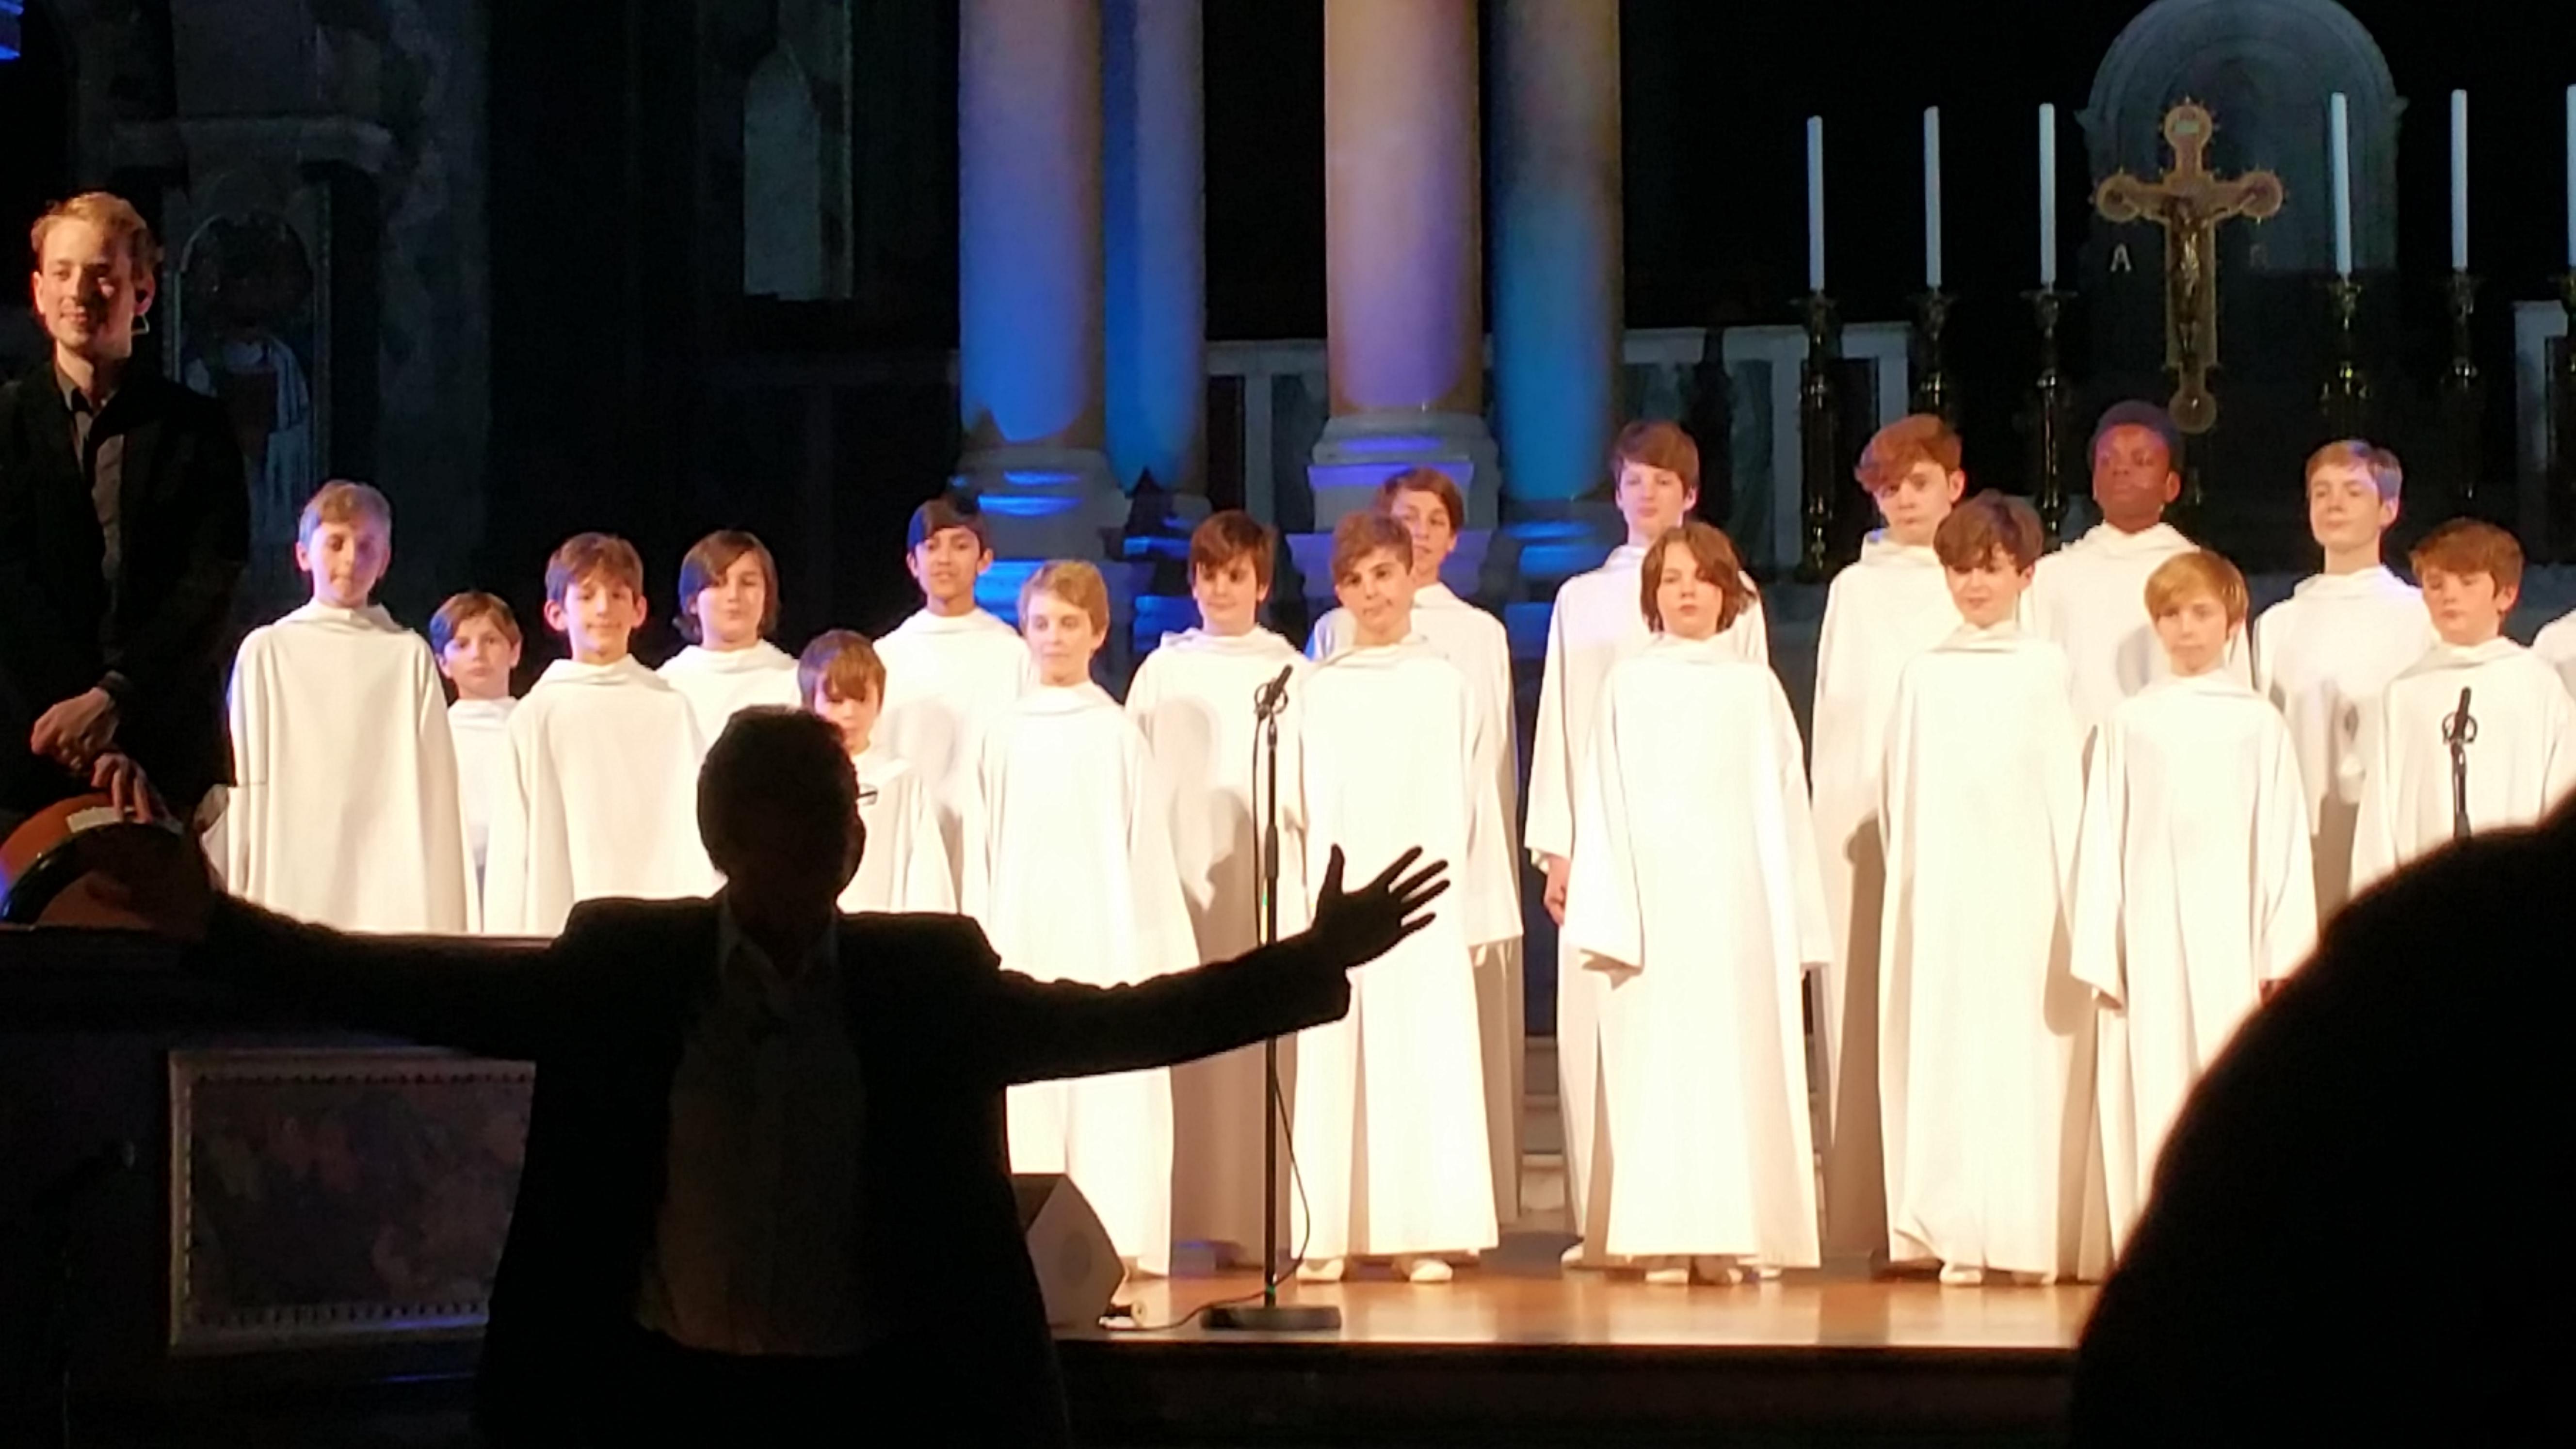 Concert à la cathédrale de Westminster (initialement St George's) le 1er décembre 2017 - Page 3 81916620171201221105